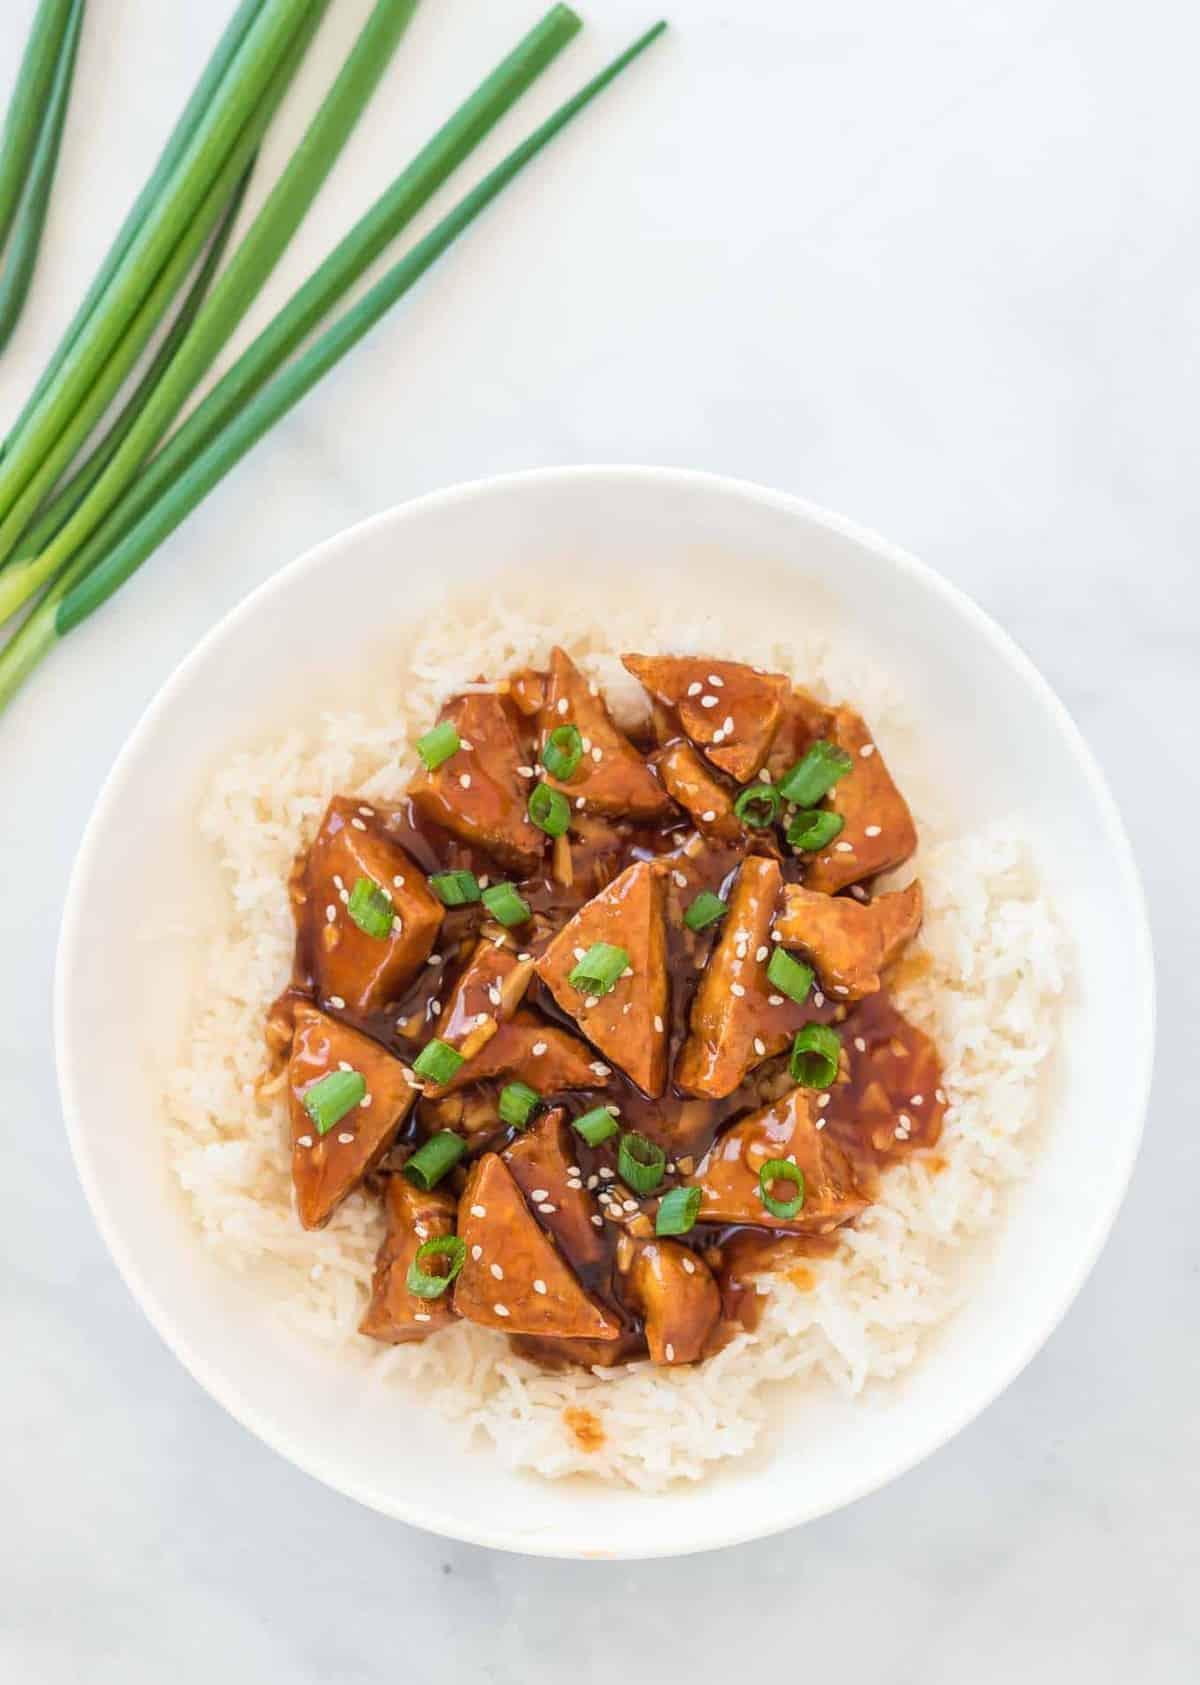 teriyaki tofu over white rice in a bowl